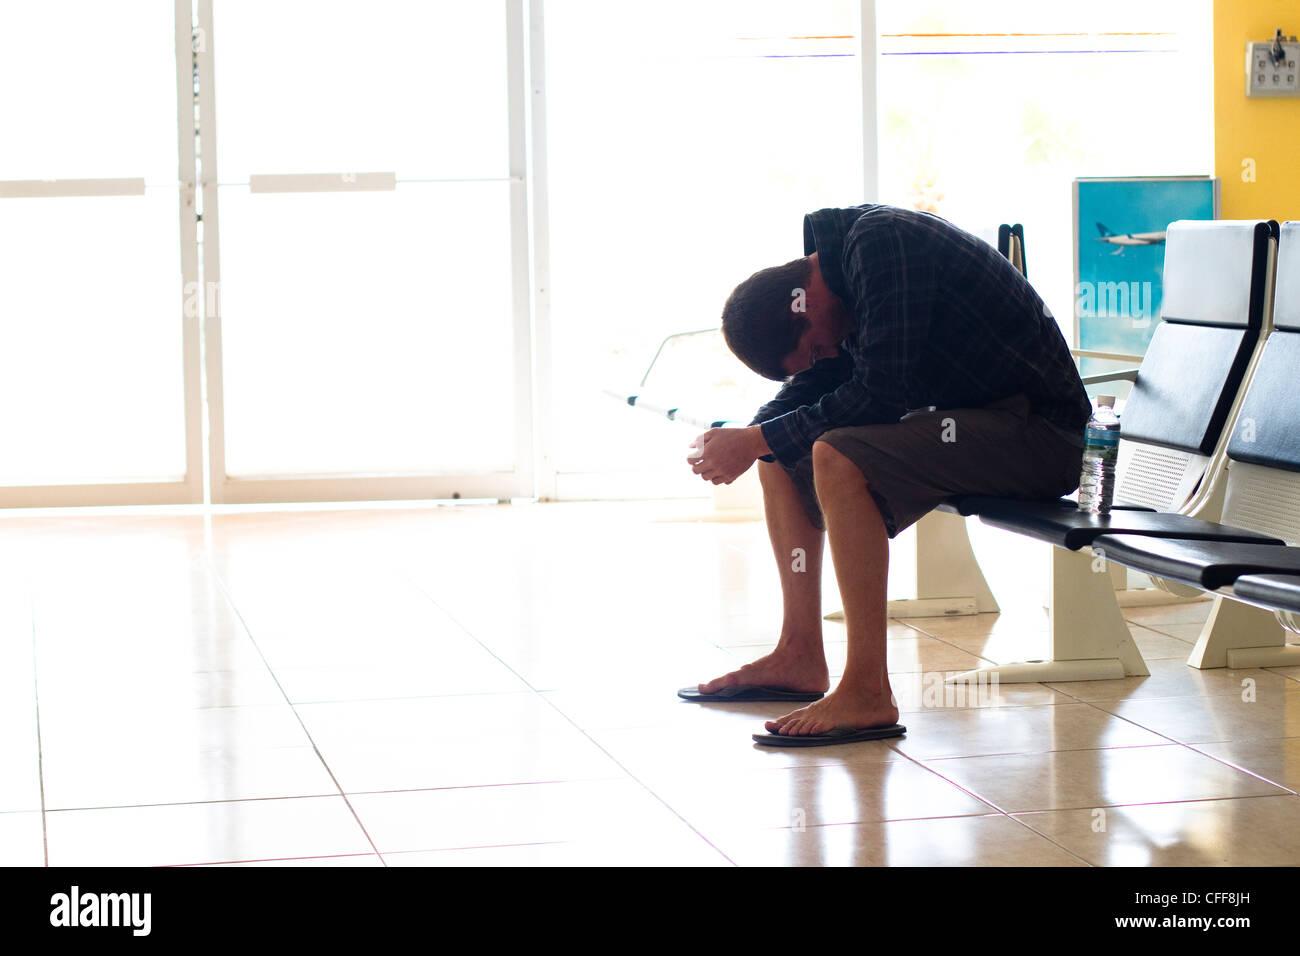 Un homme épuisé traveler attend dans un terminal de l'aéroport pour le vol pour arriver à Photo Stock